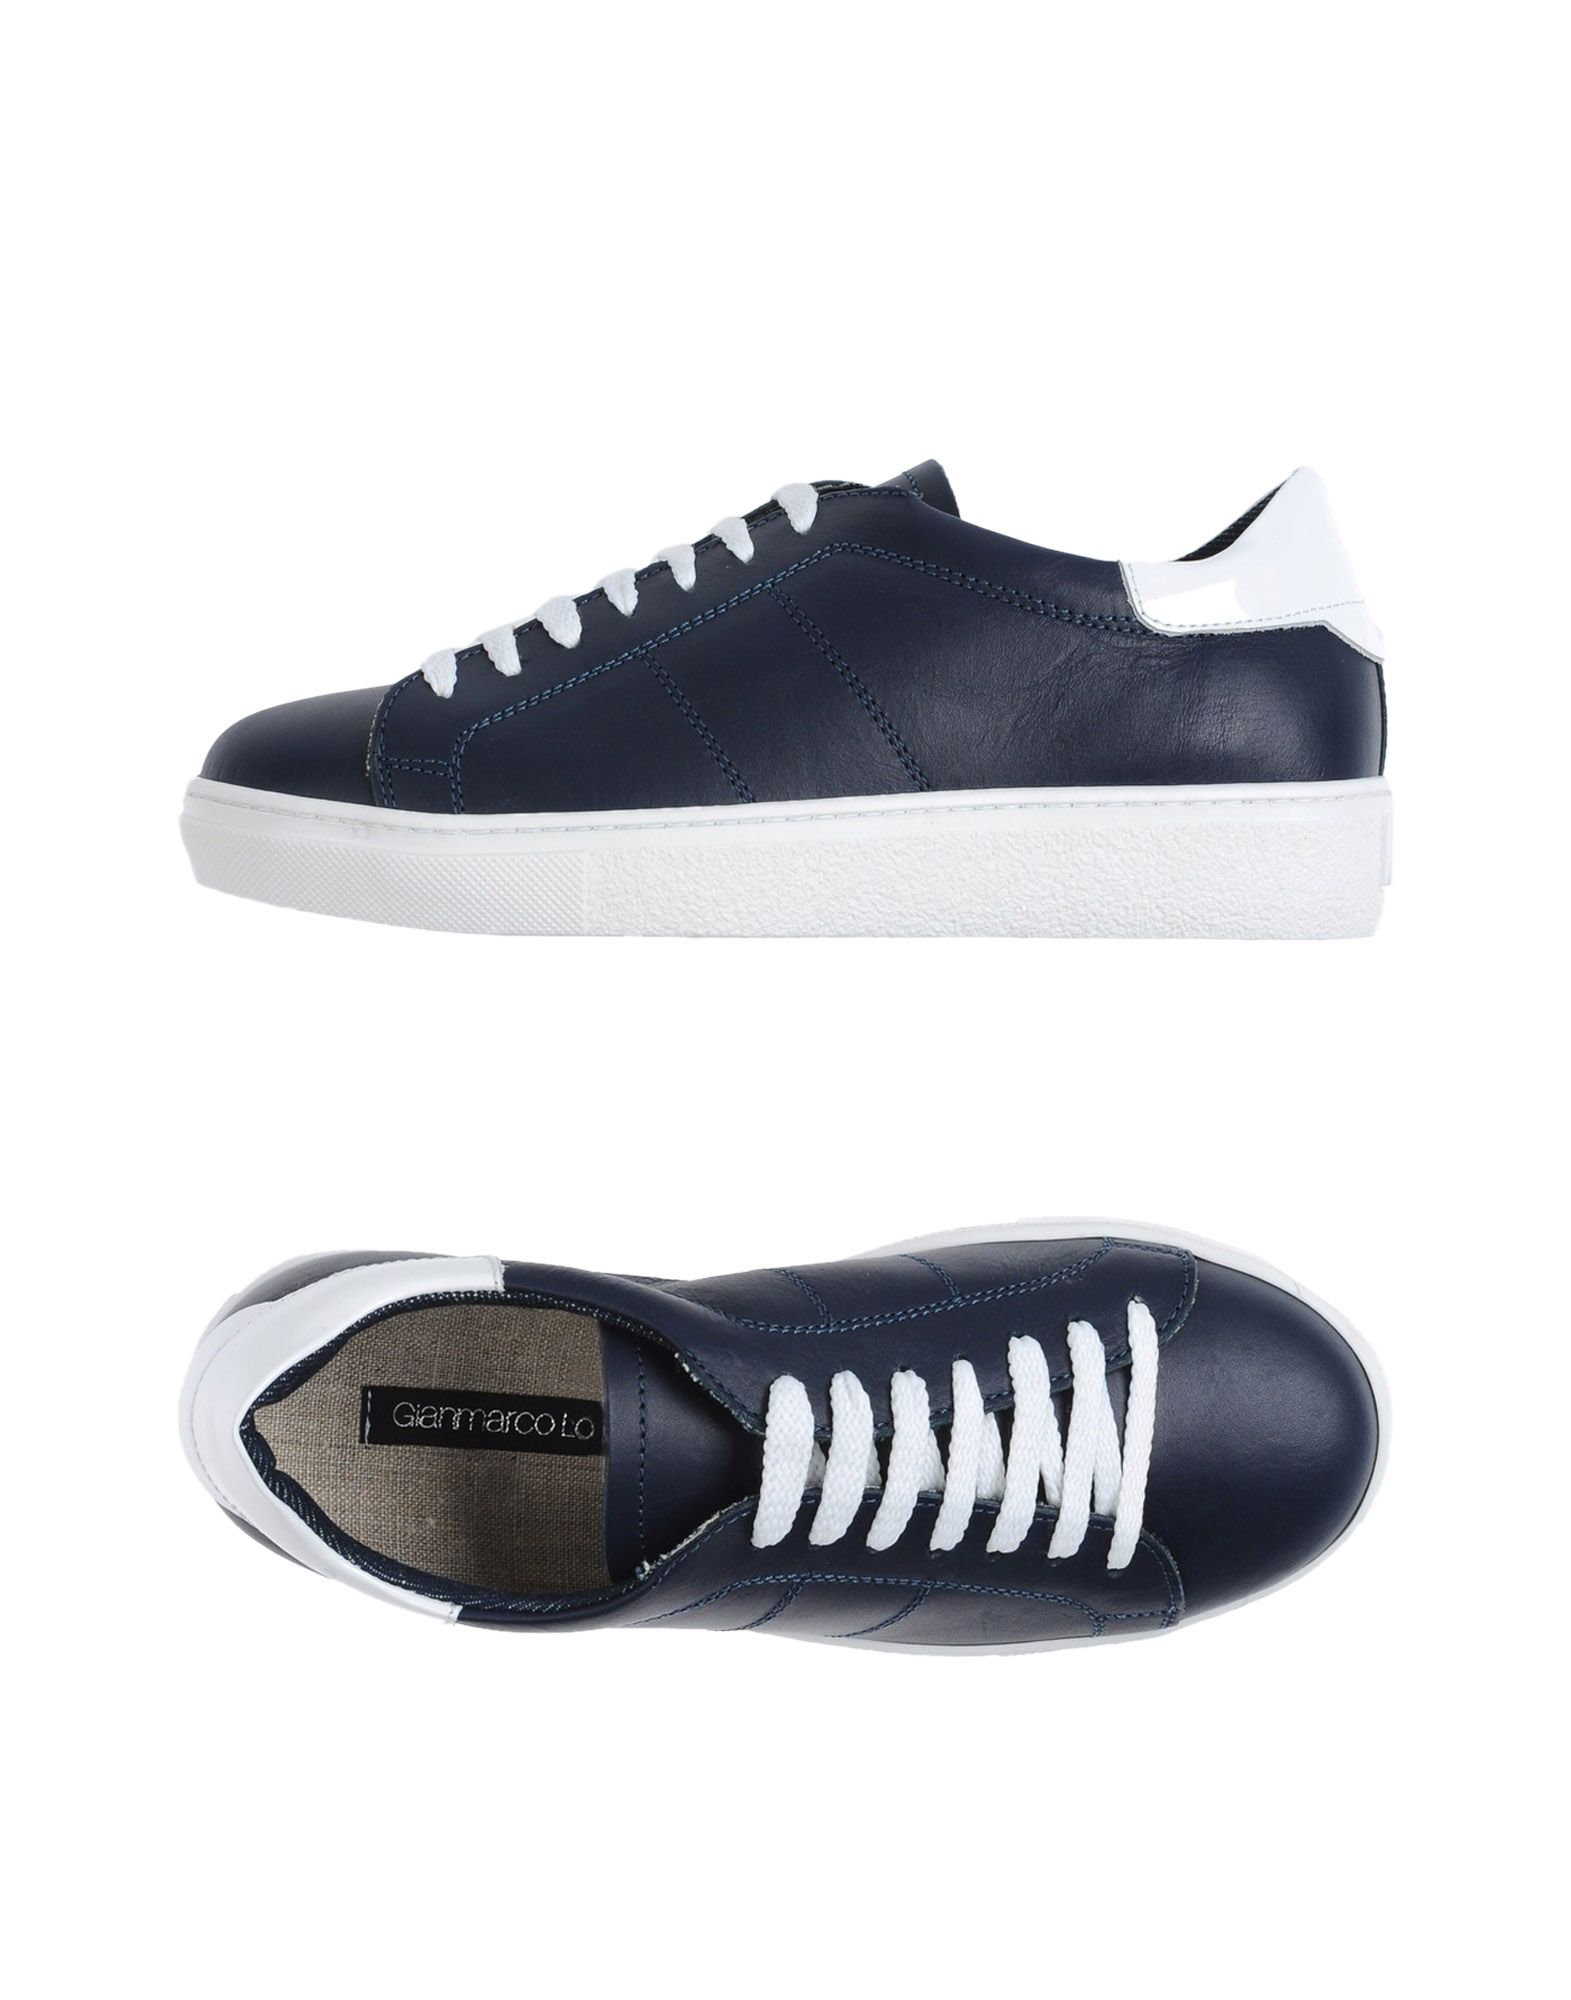 Gianmarco Lorenzi Gute Sneakers Damen  11332372XC Gute Lorenzi Qualität beliebte Schuhe d20cfd